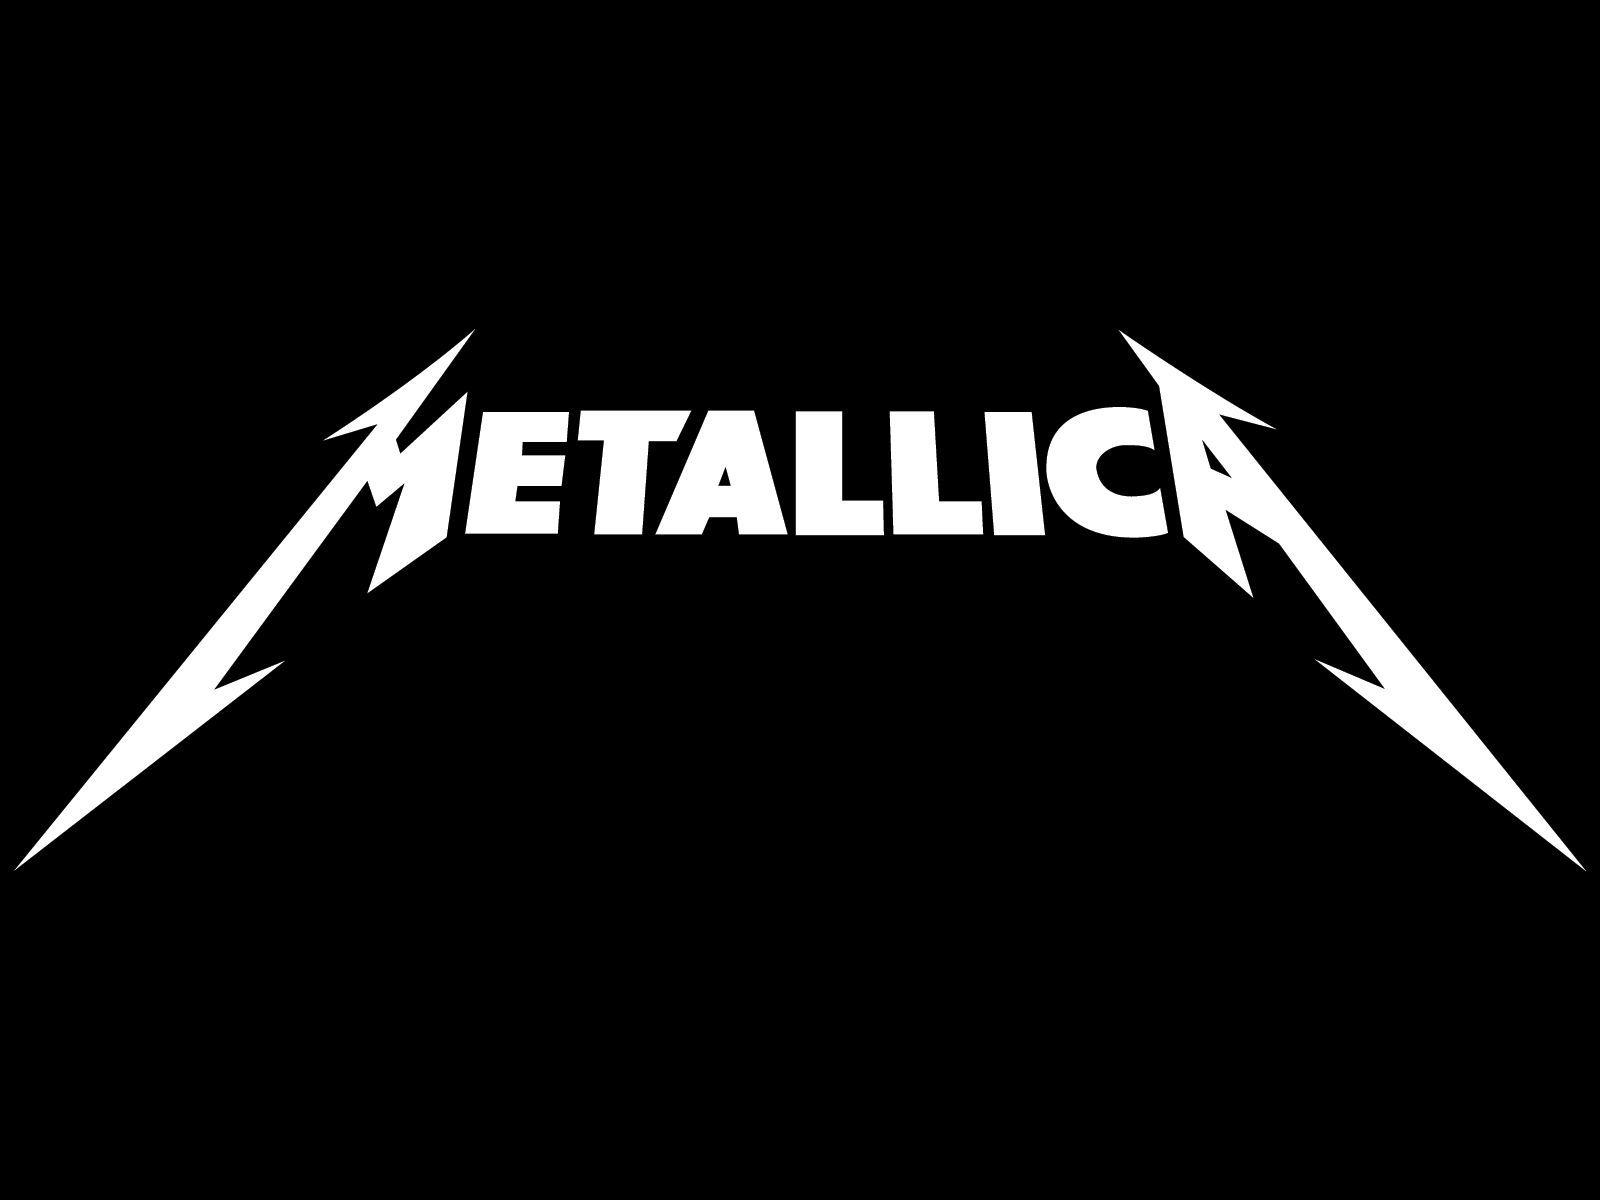 ¿Cómo surgió el nombre de Metallica?